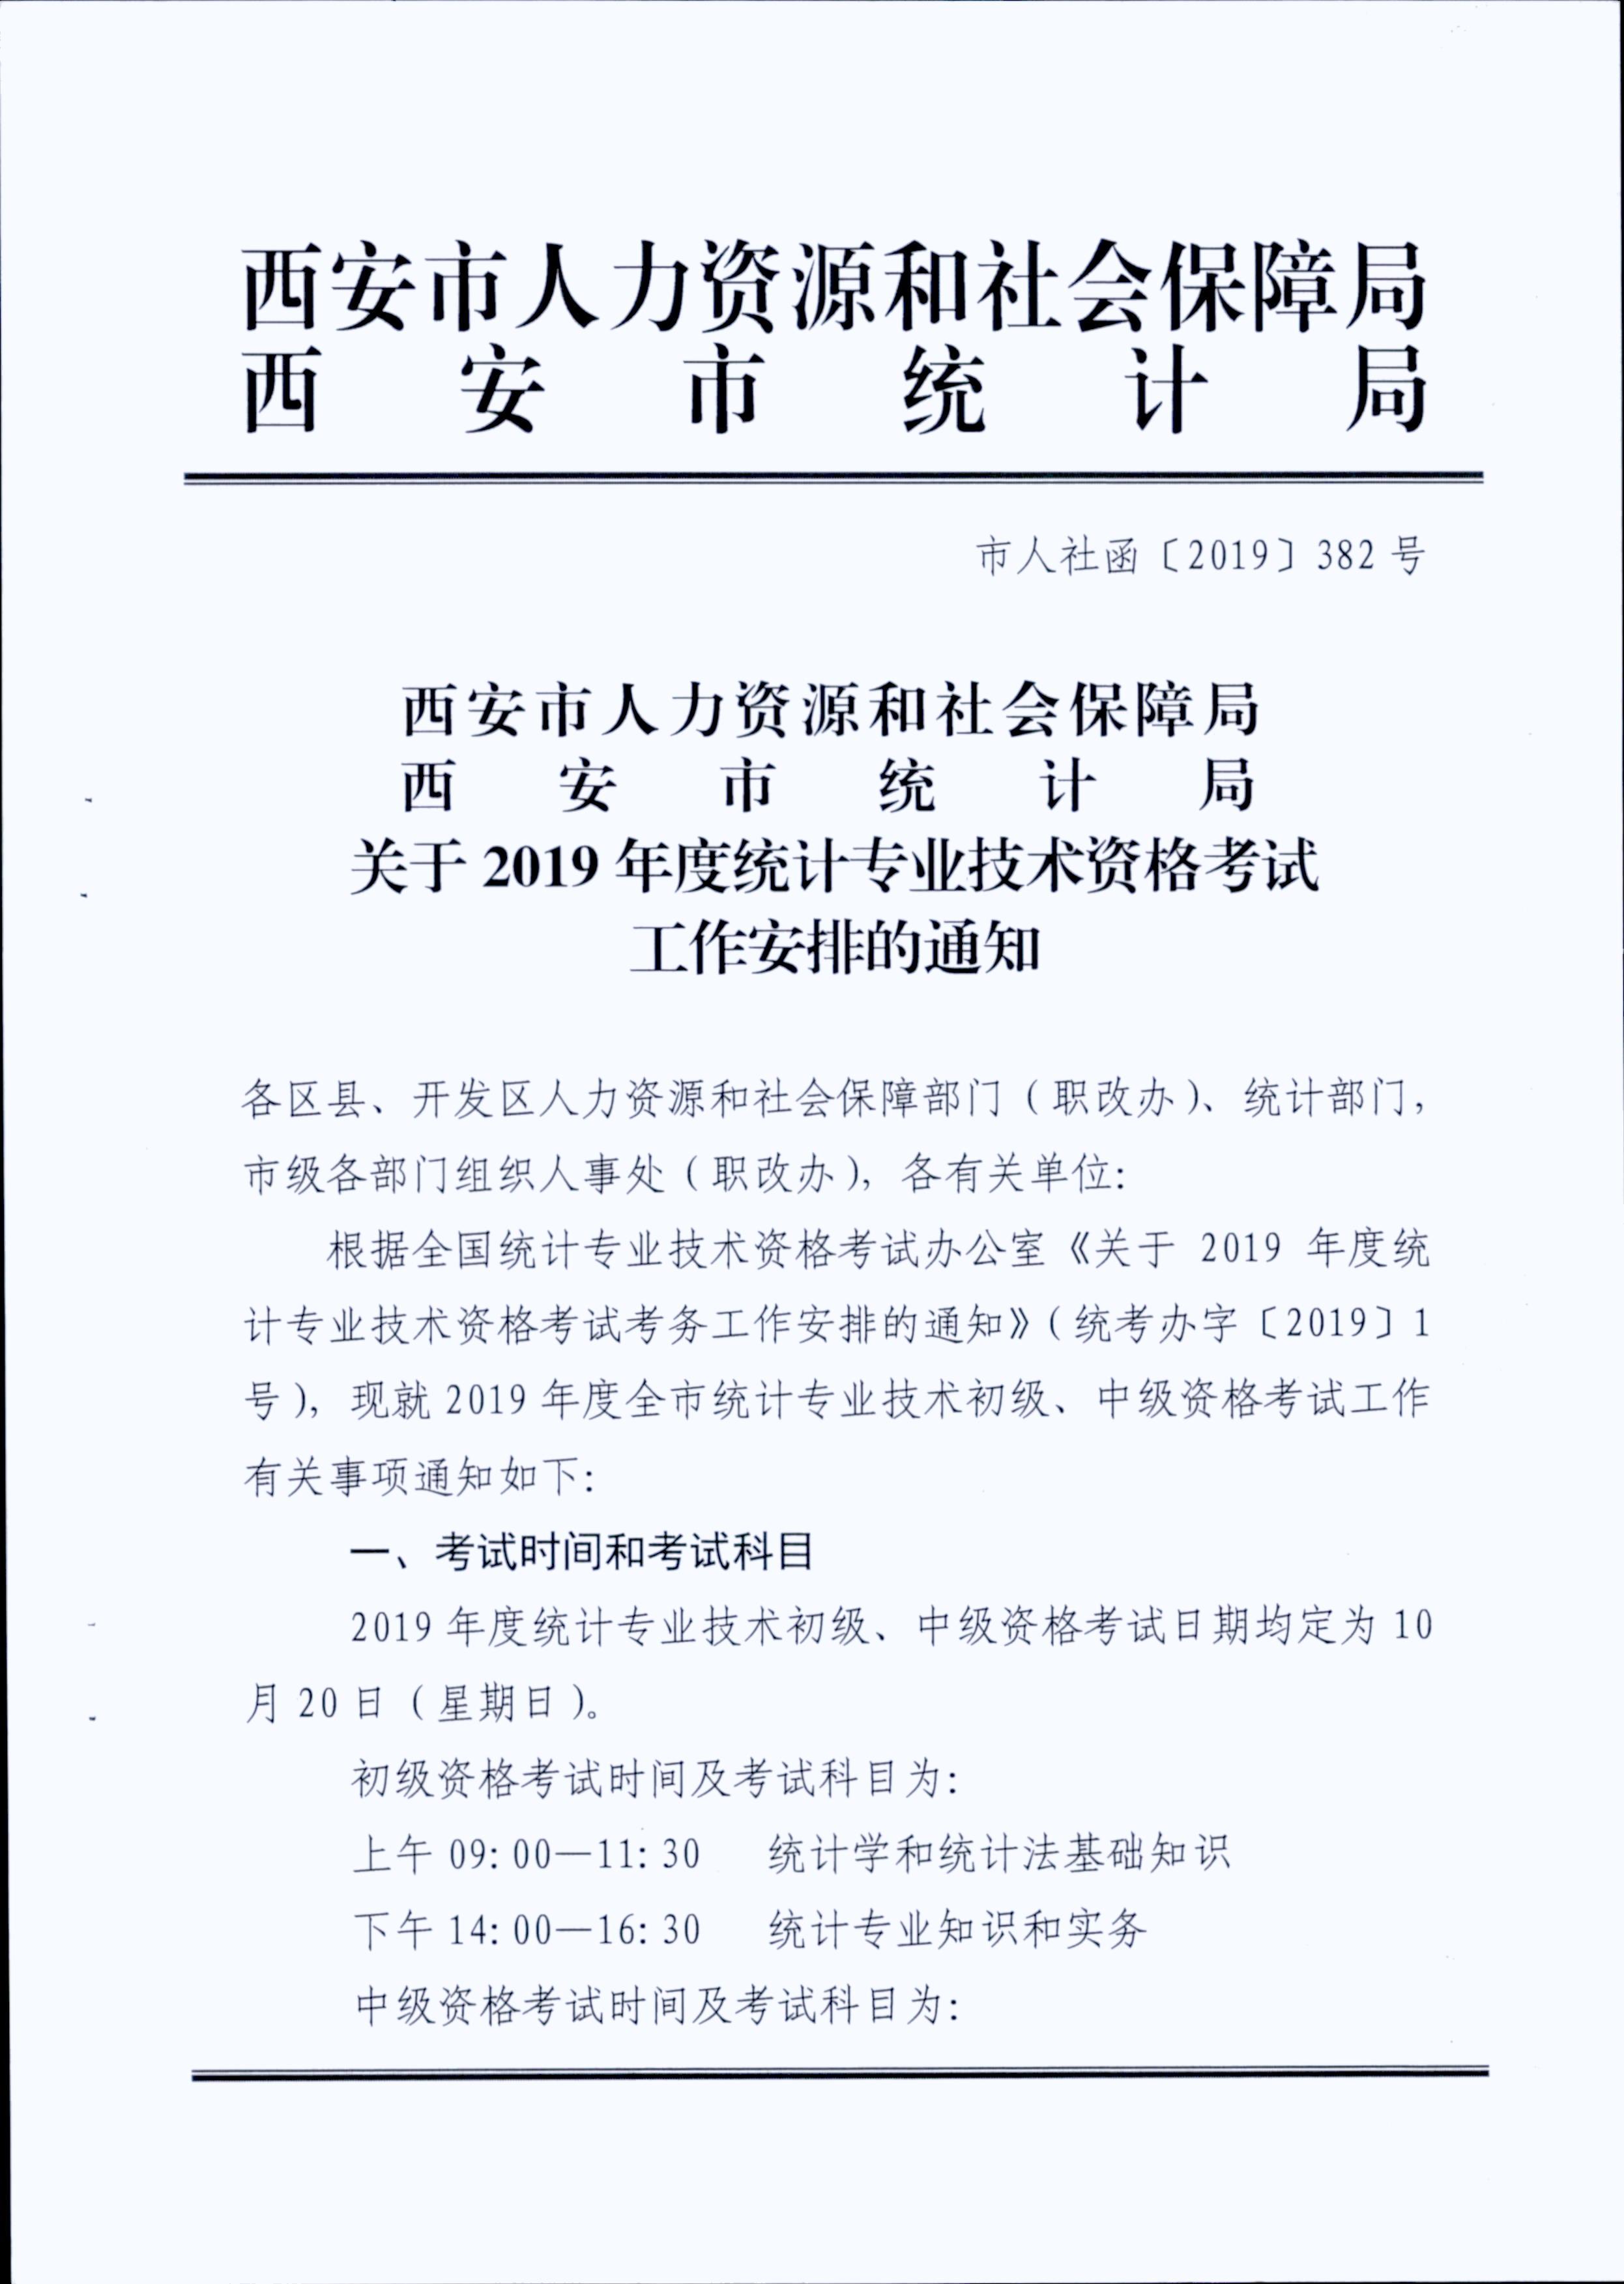 市人社函【2019】382号(职称考试)00001.jpg